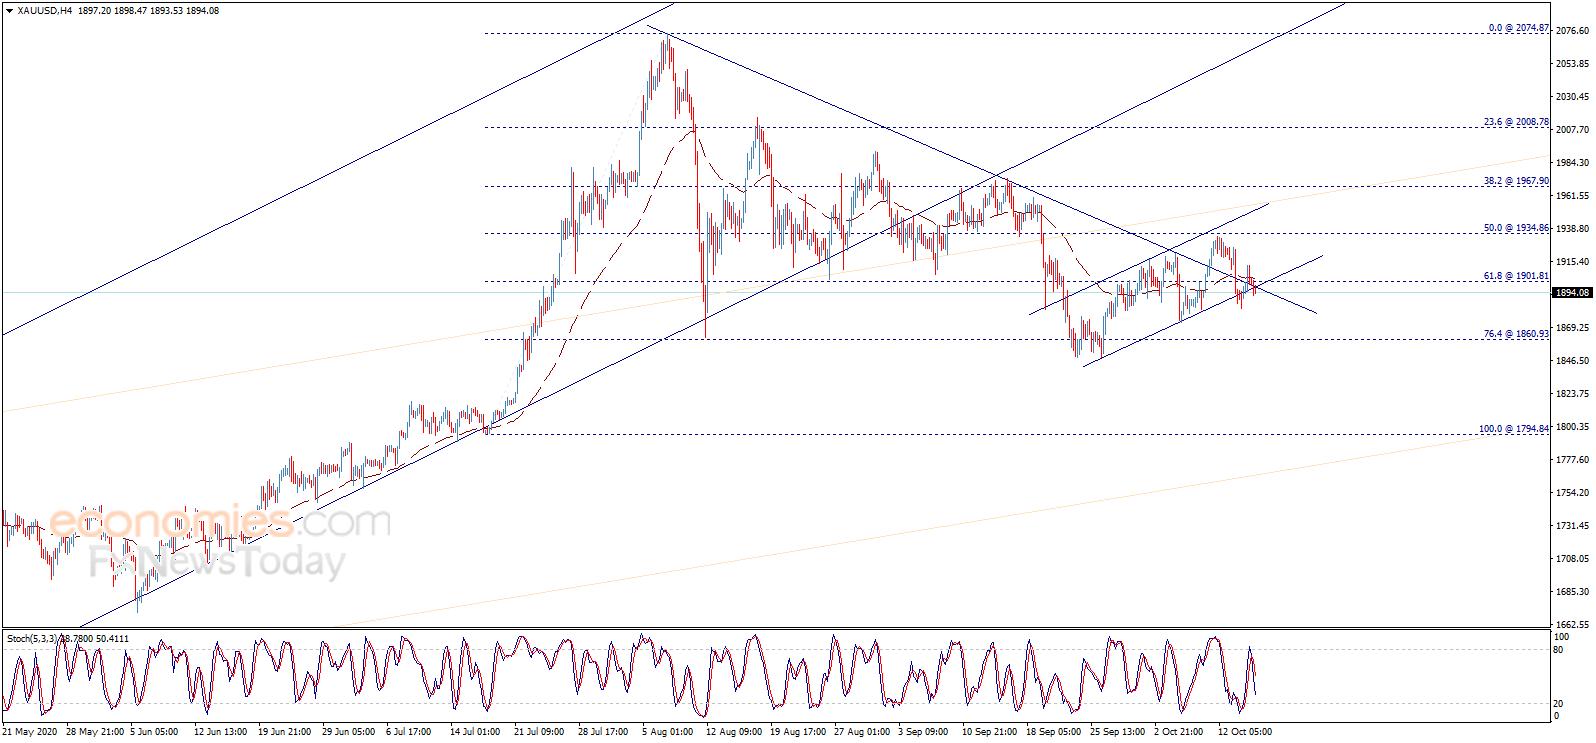 若攻克这一水平、金价有望大涨 欧元、英镑交易分析